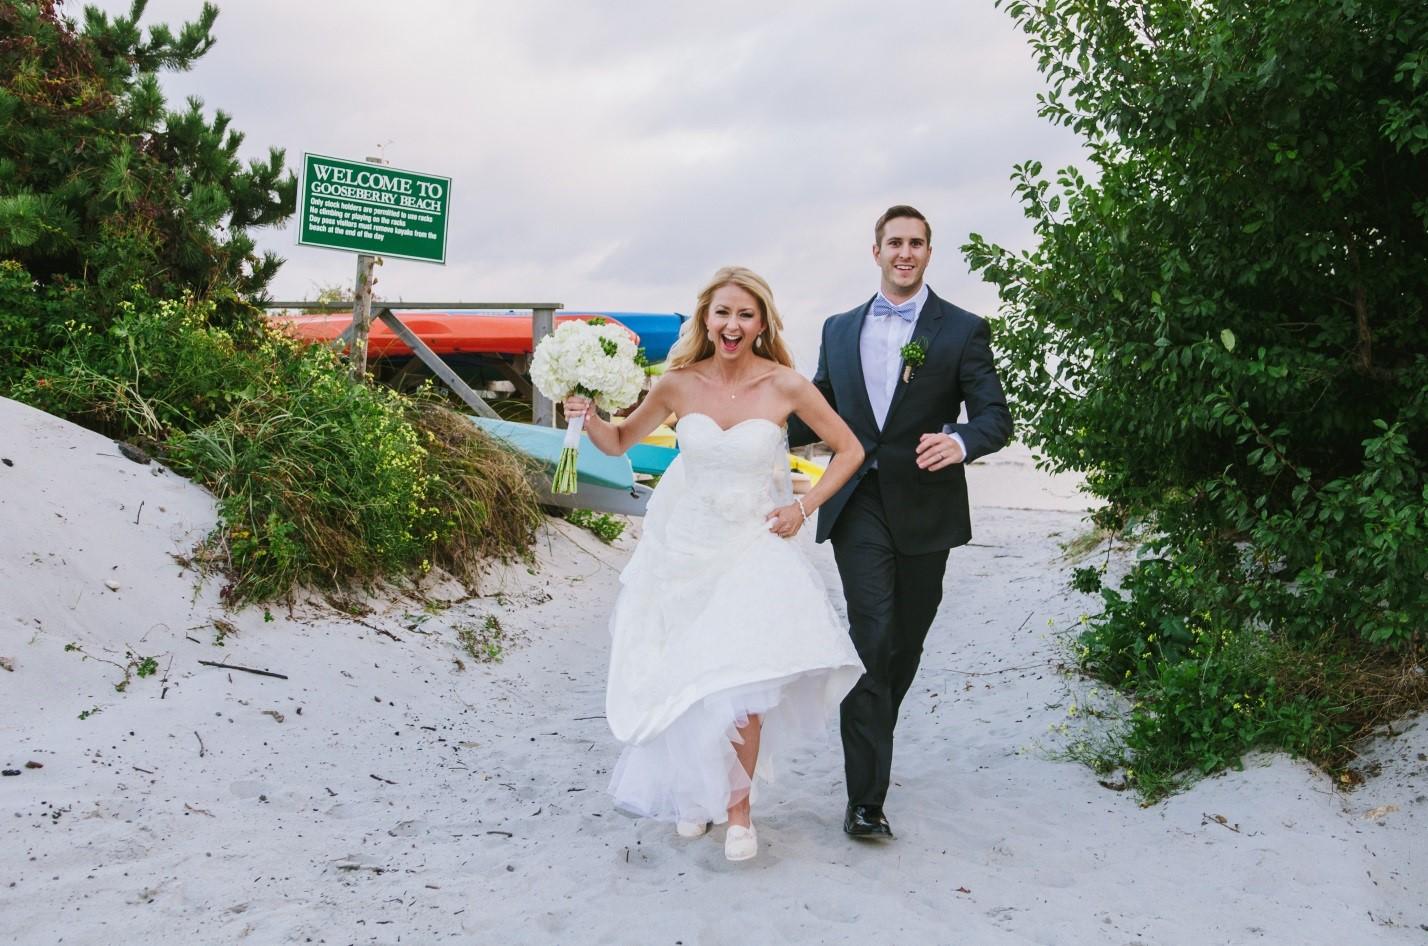 Andrei lugovoi wedding dress